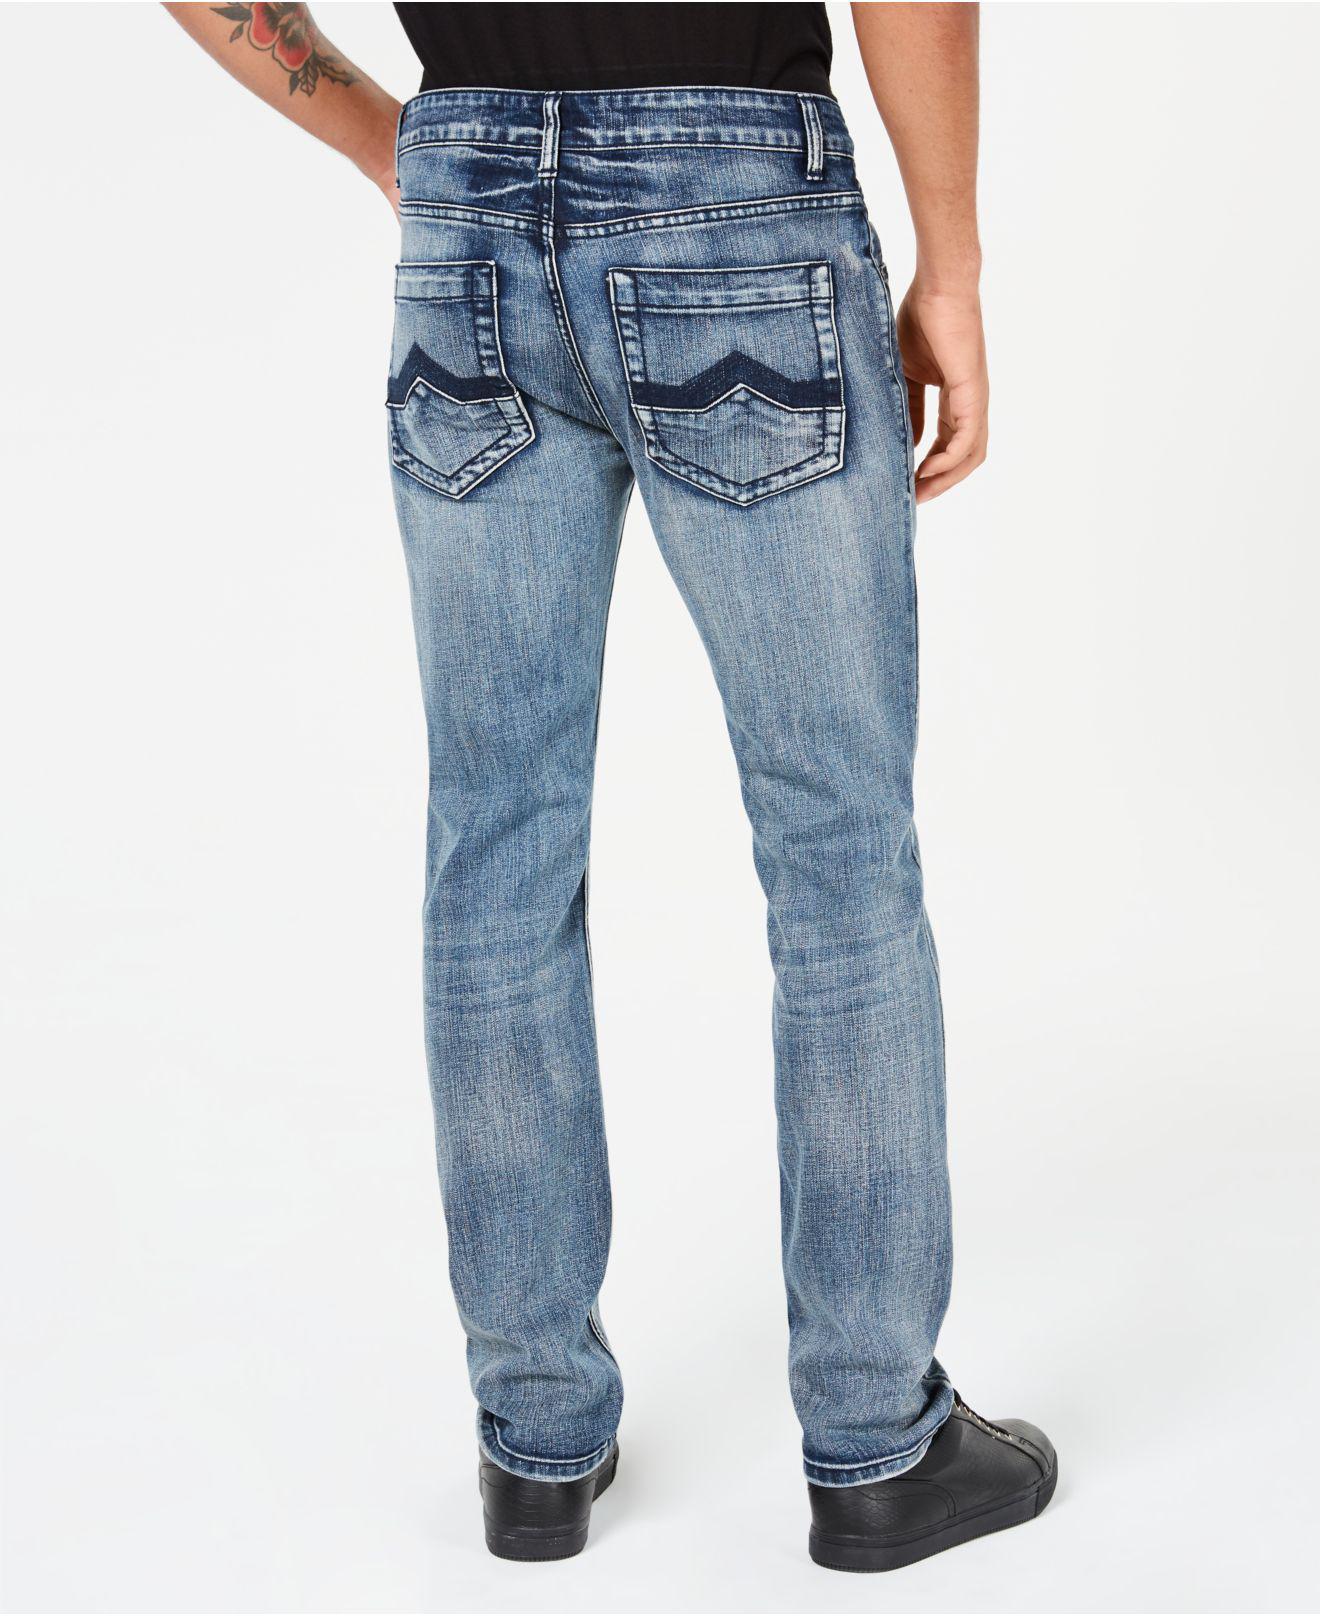 4bf4a917ddc9 INC International Concepts I.n.c. Stretch Slim Straight Jeans ...